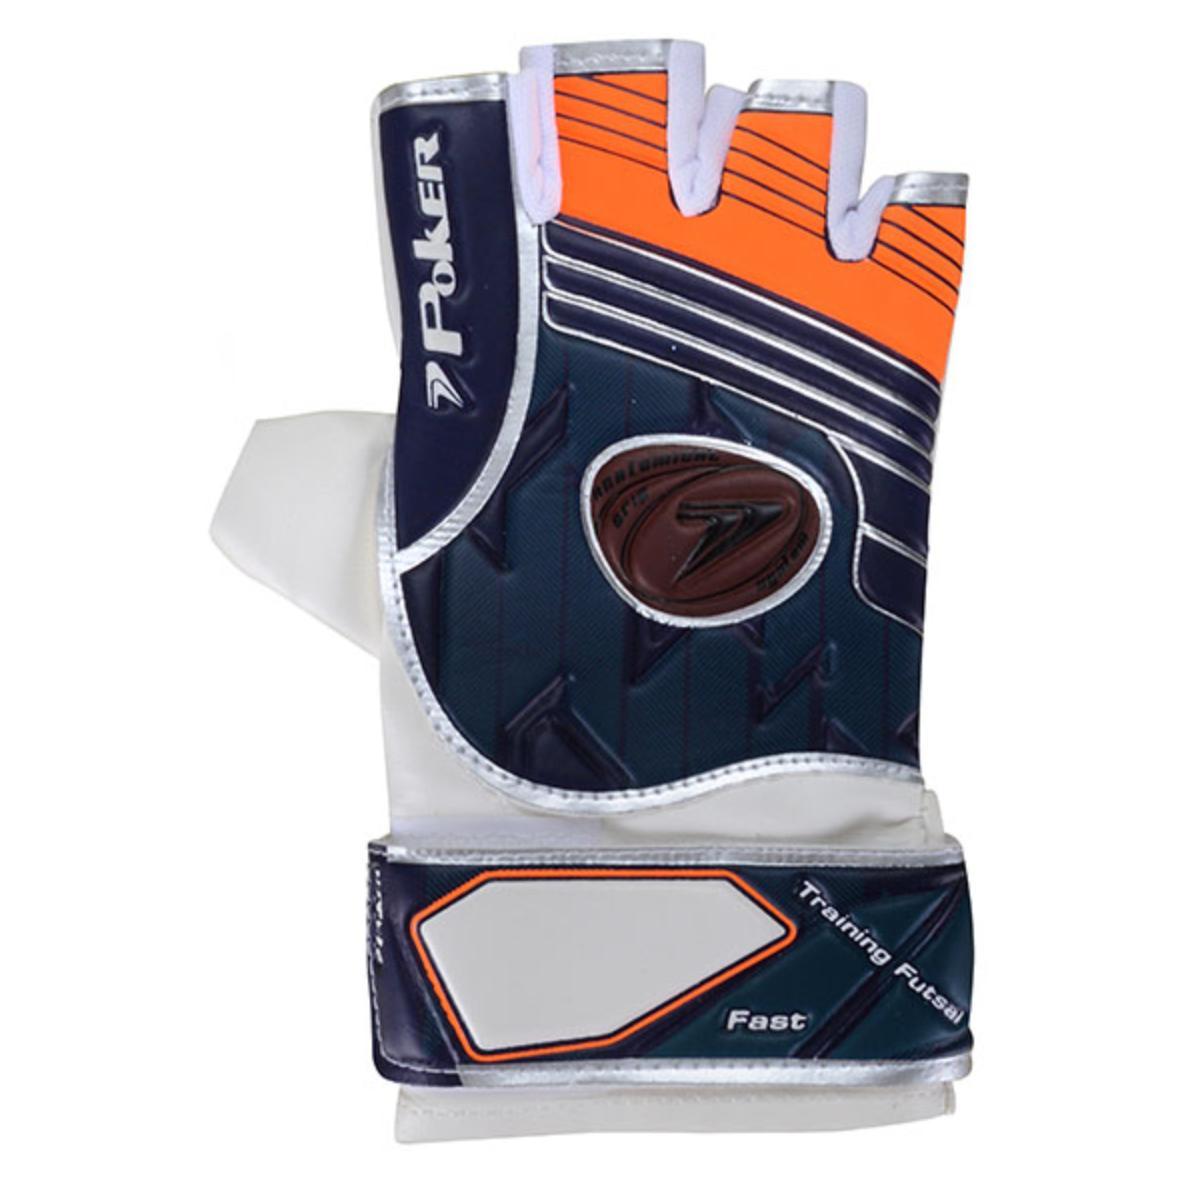 Luva Unisex Poker 01887 Futsal Fast Branco/azul/laranja